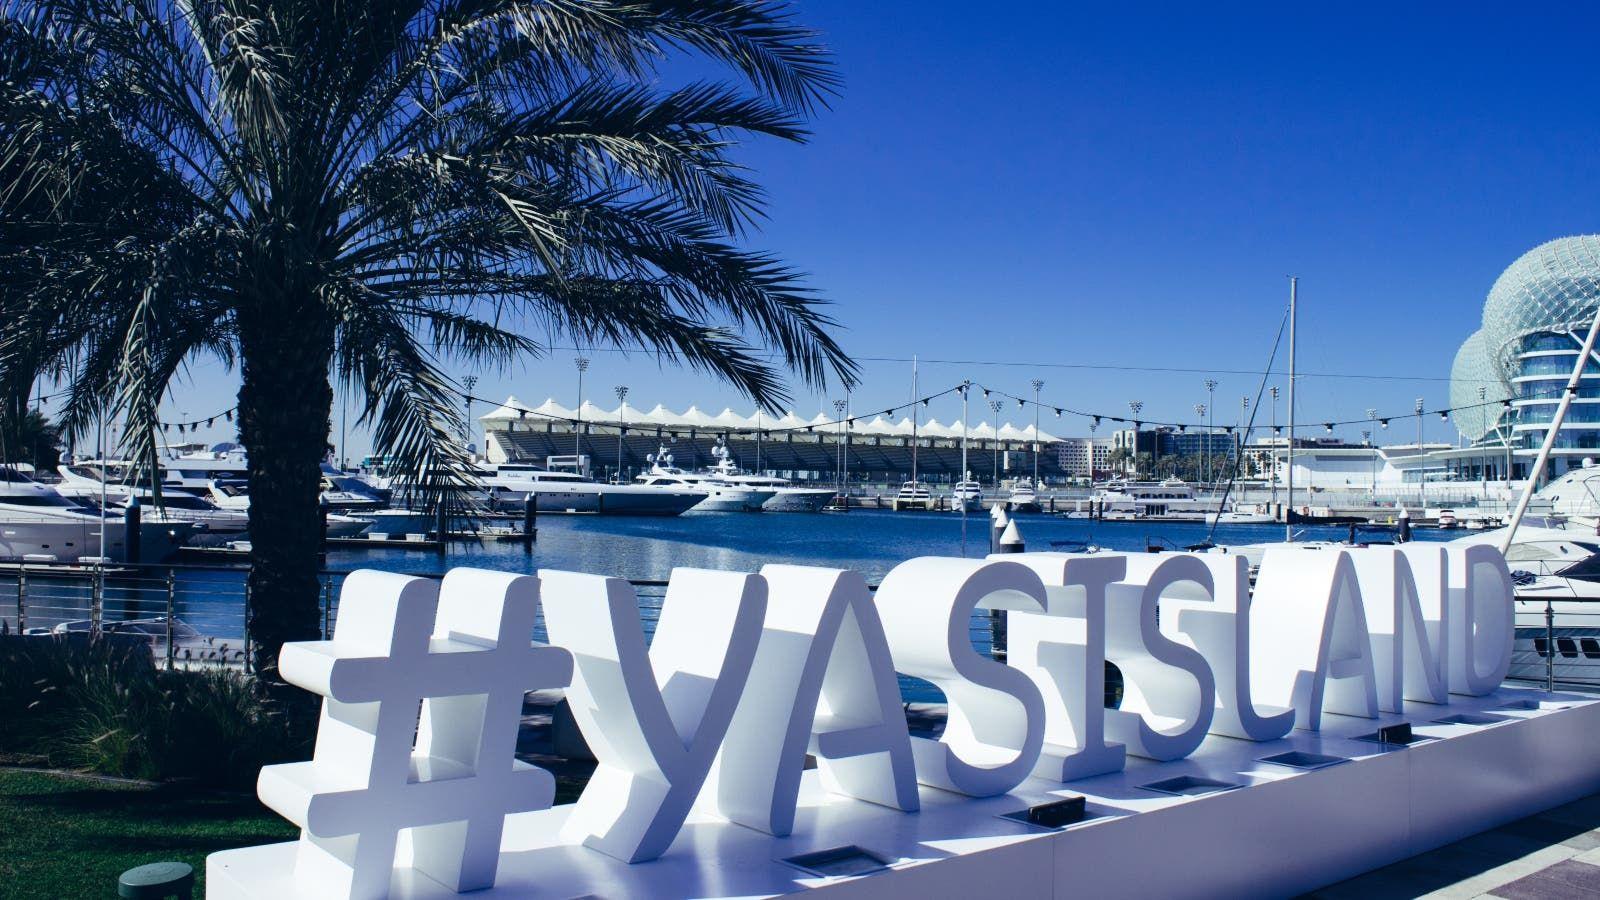 جزيرة ياس تطلق عروض الإقامة واللعب بأسعار مخفضة Marina Bay Sands Marina Bay Landmarks